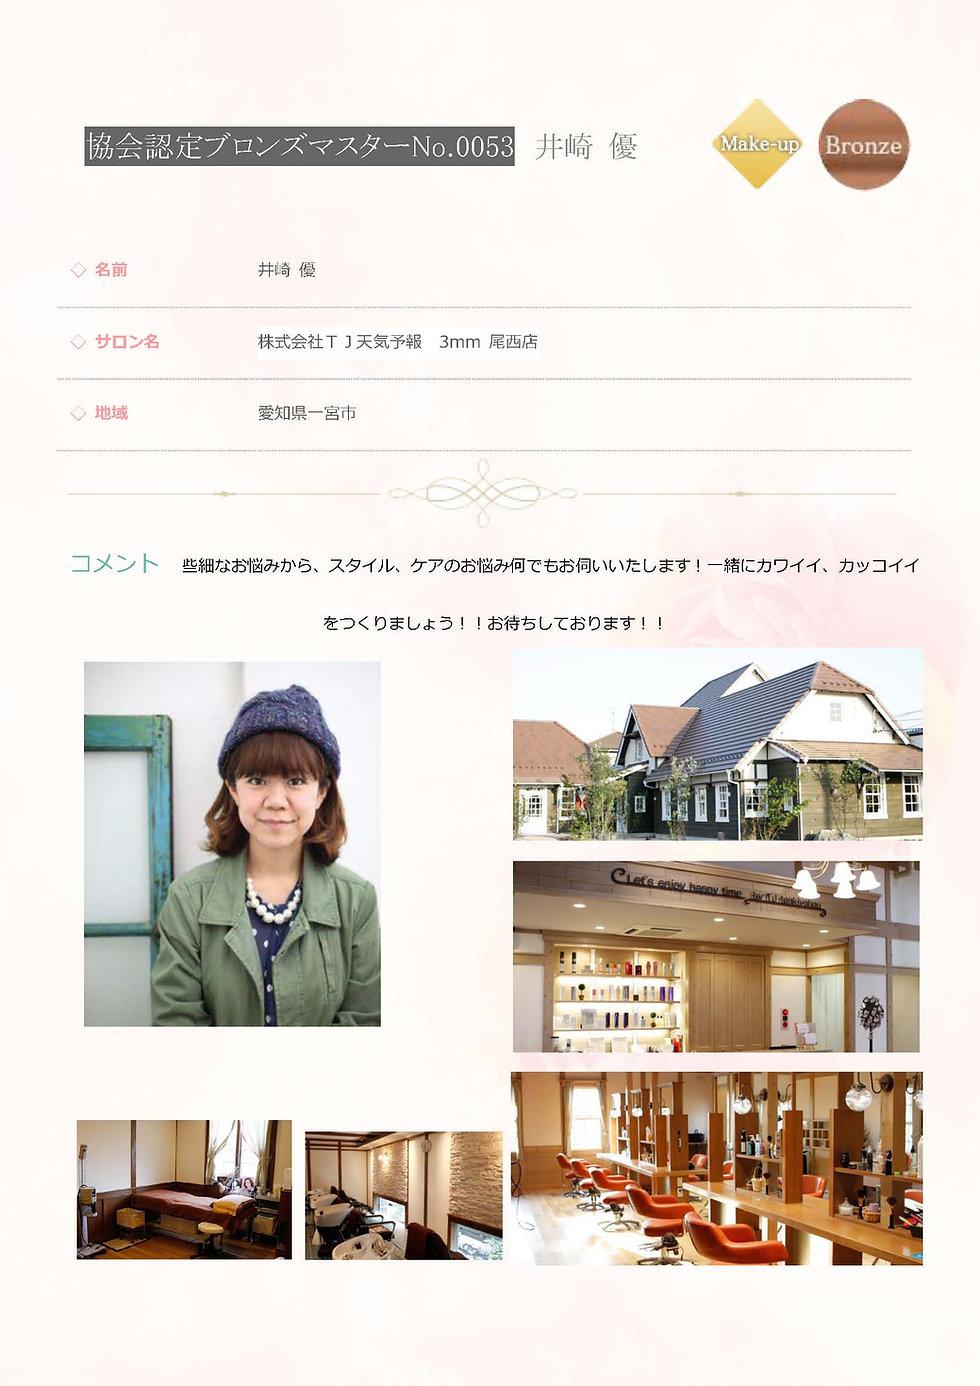 協会認定 ブロンズマスター メイク No0053 井崎 優